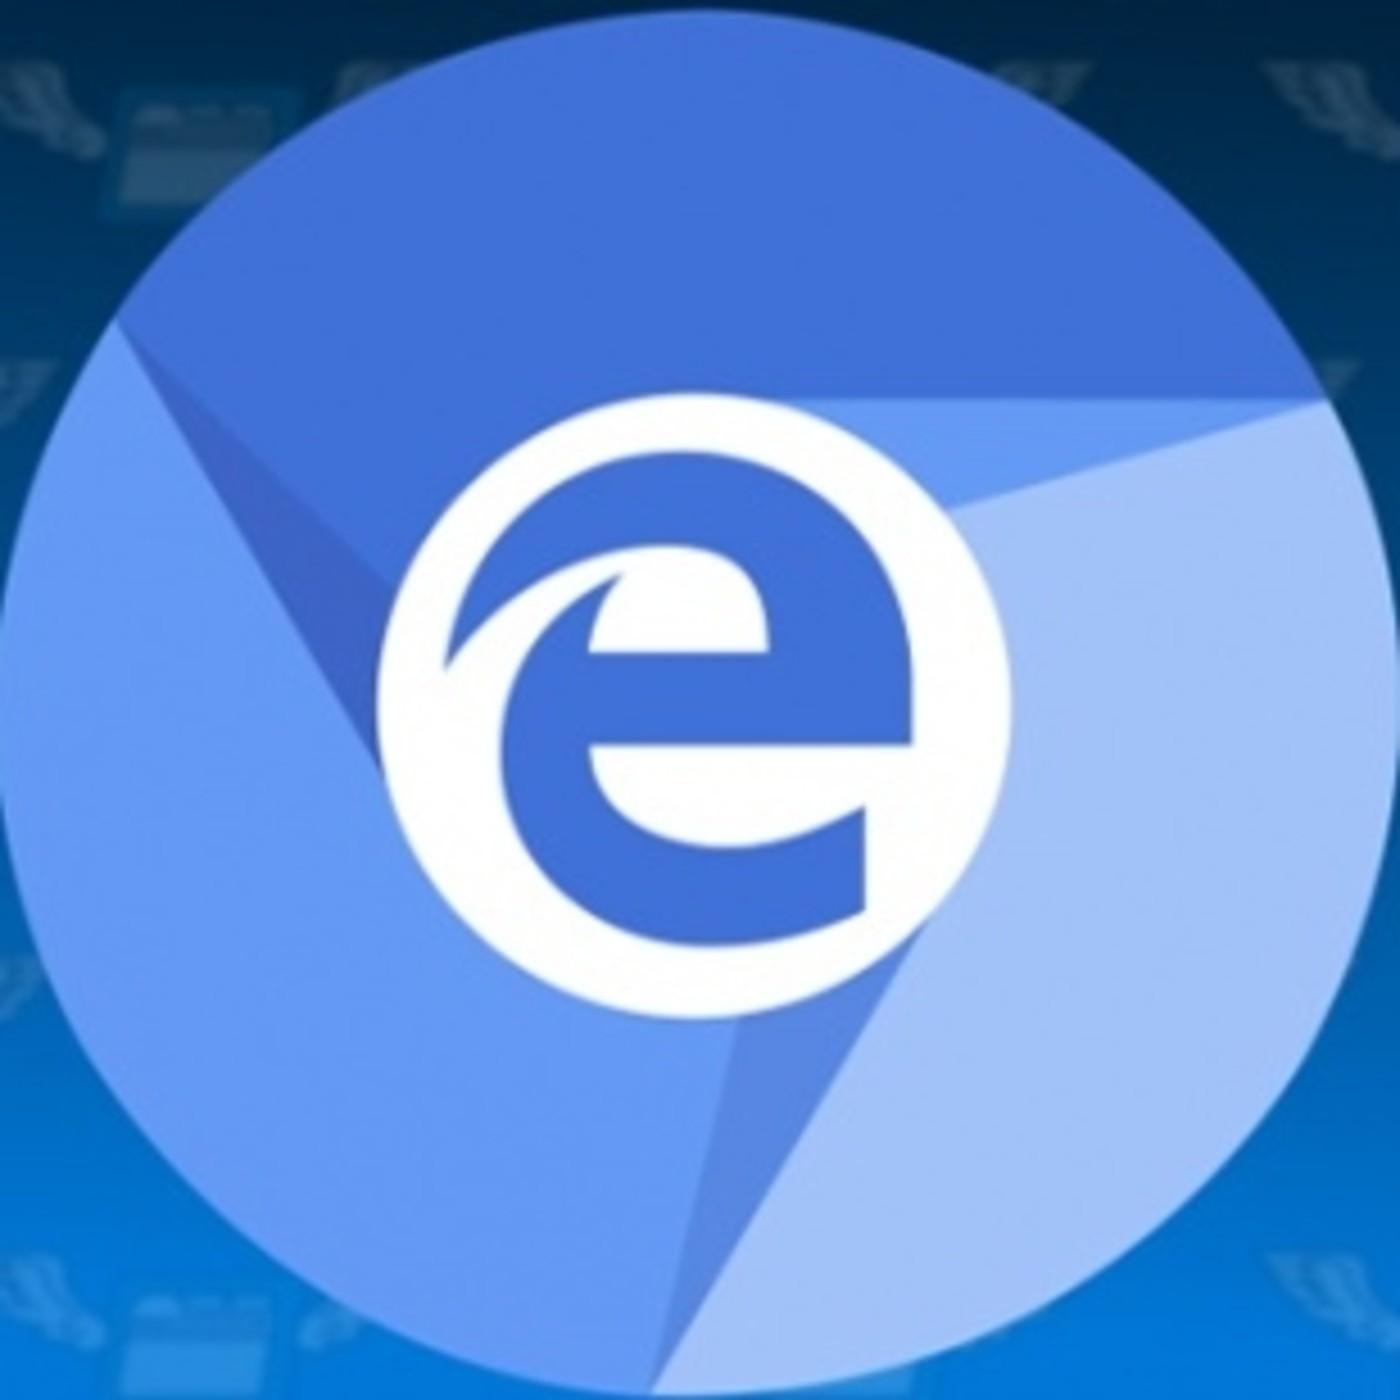 Edge usará Chromium como motor en su navegador. ¿Buenas o malas noticias? - 01x03